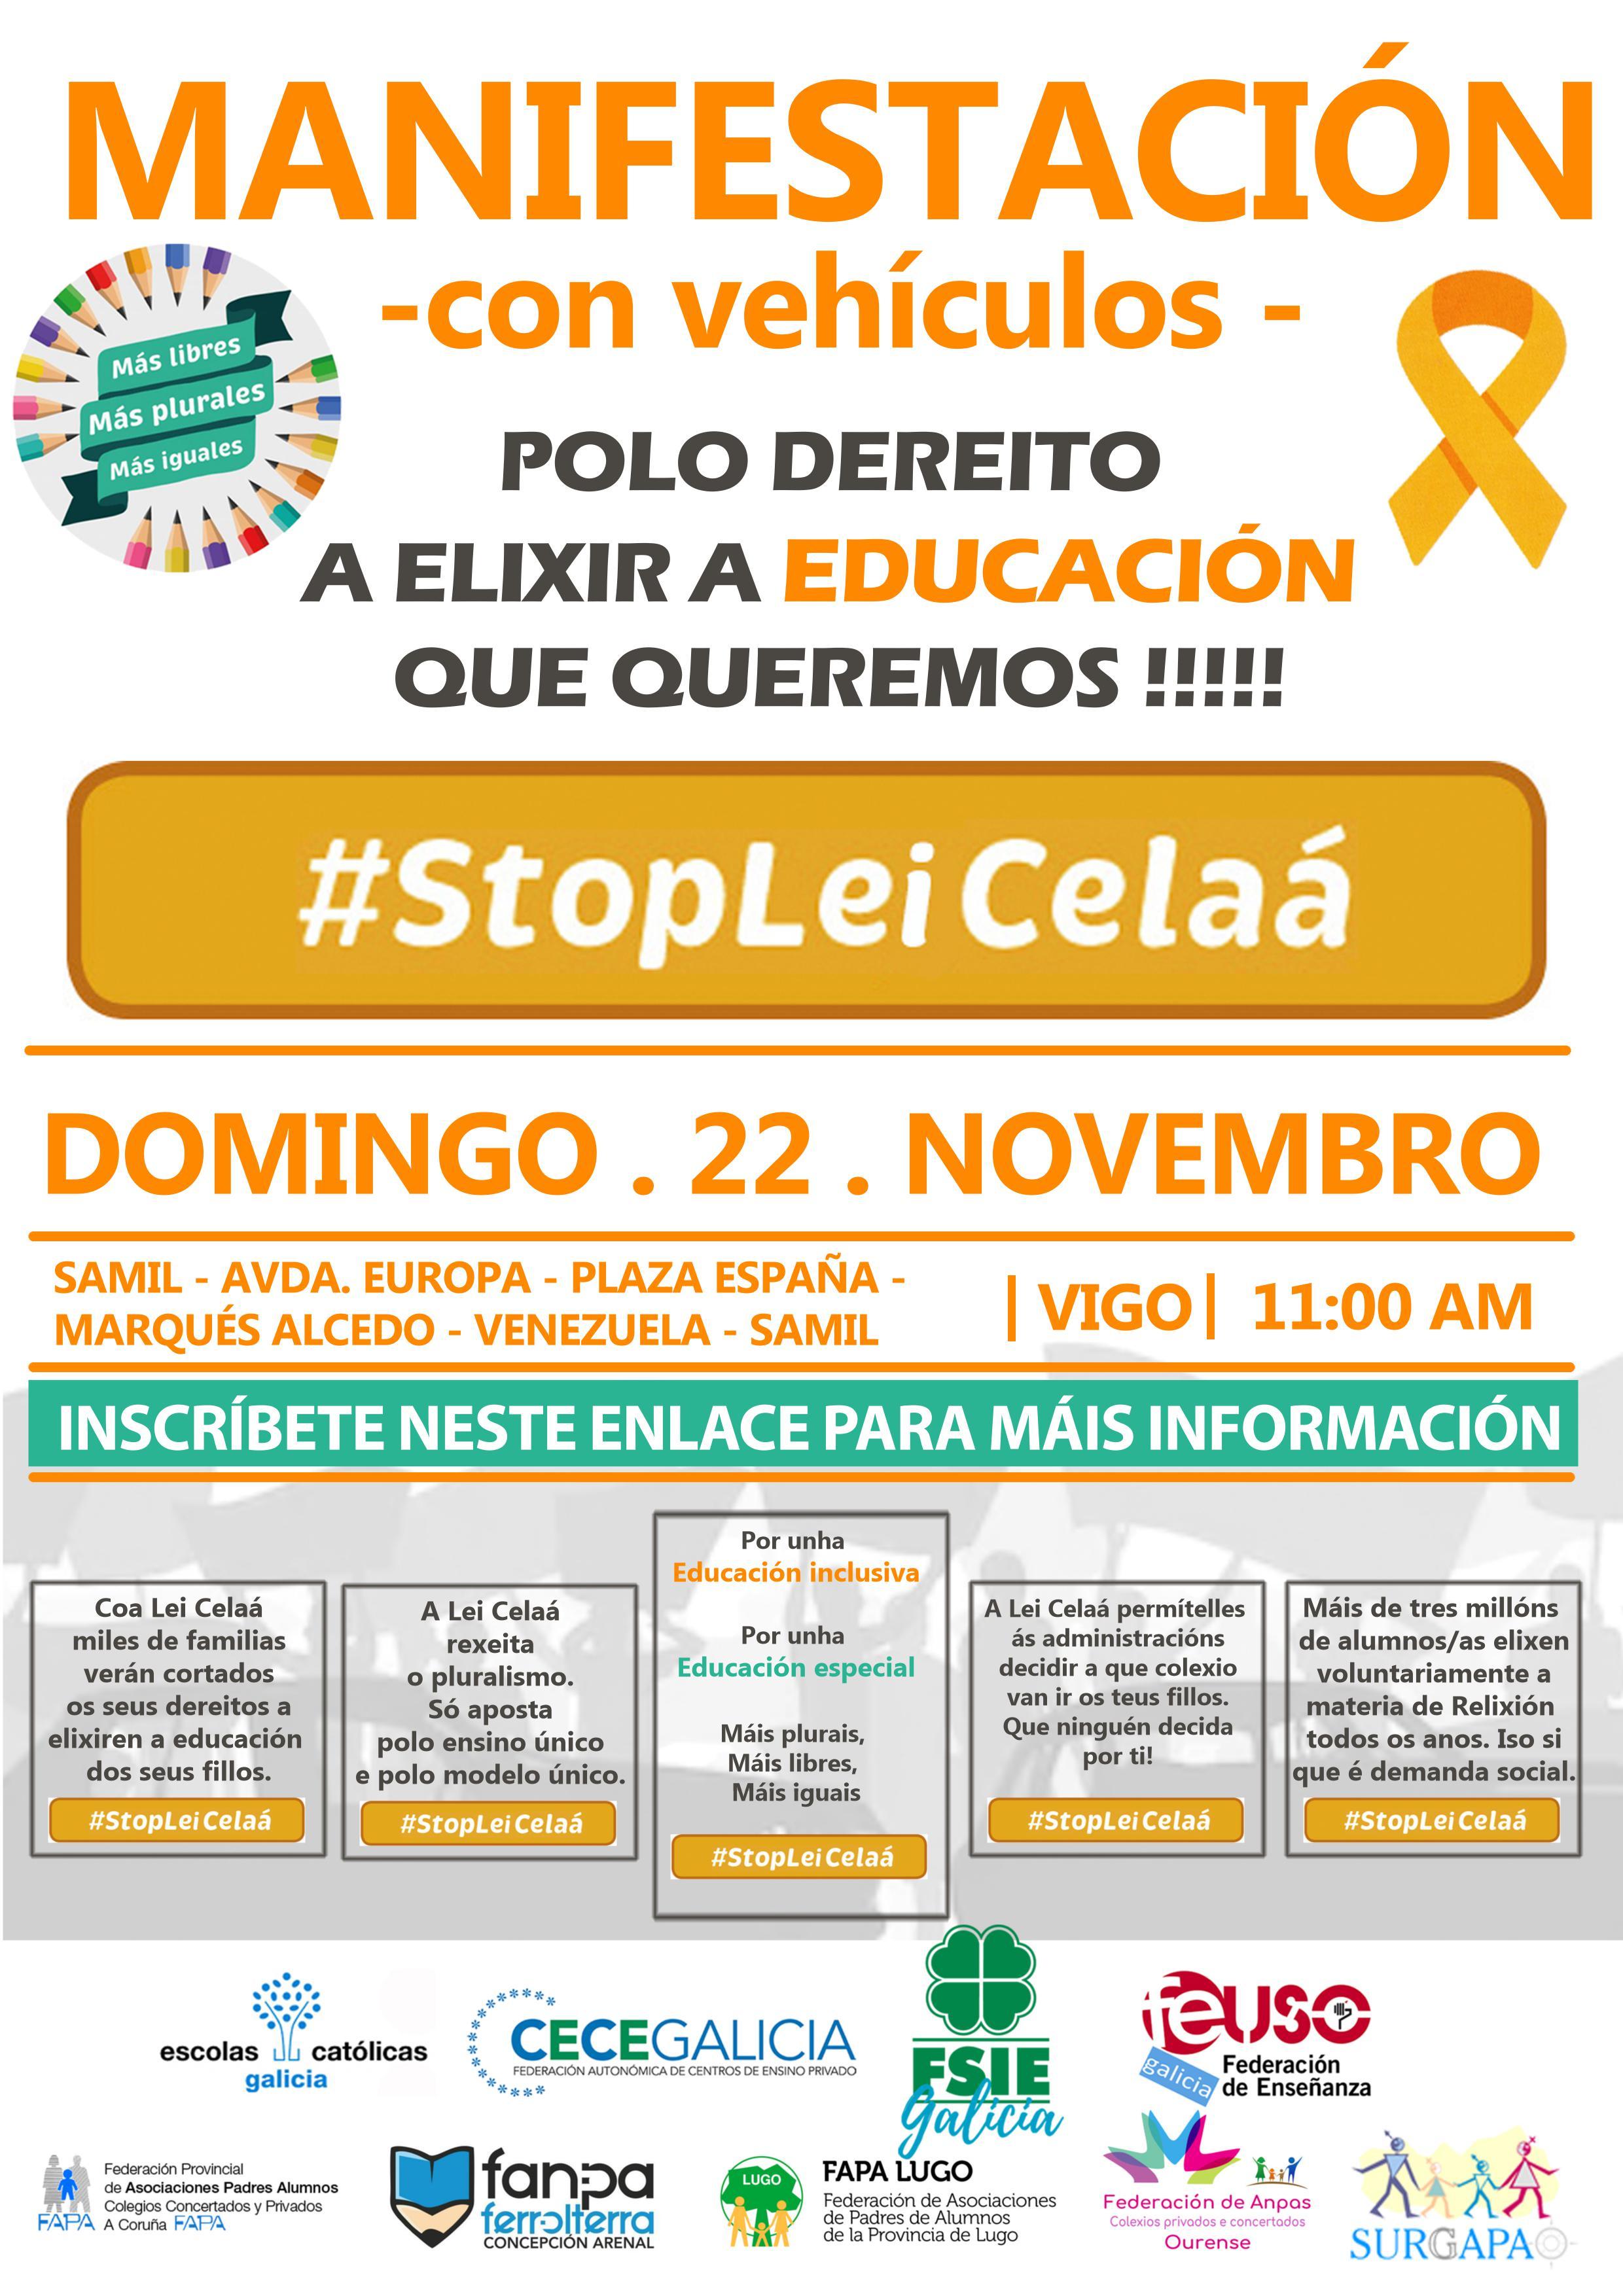 Este domingo 22, manifestación en coches contra a Lei Celaá